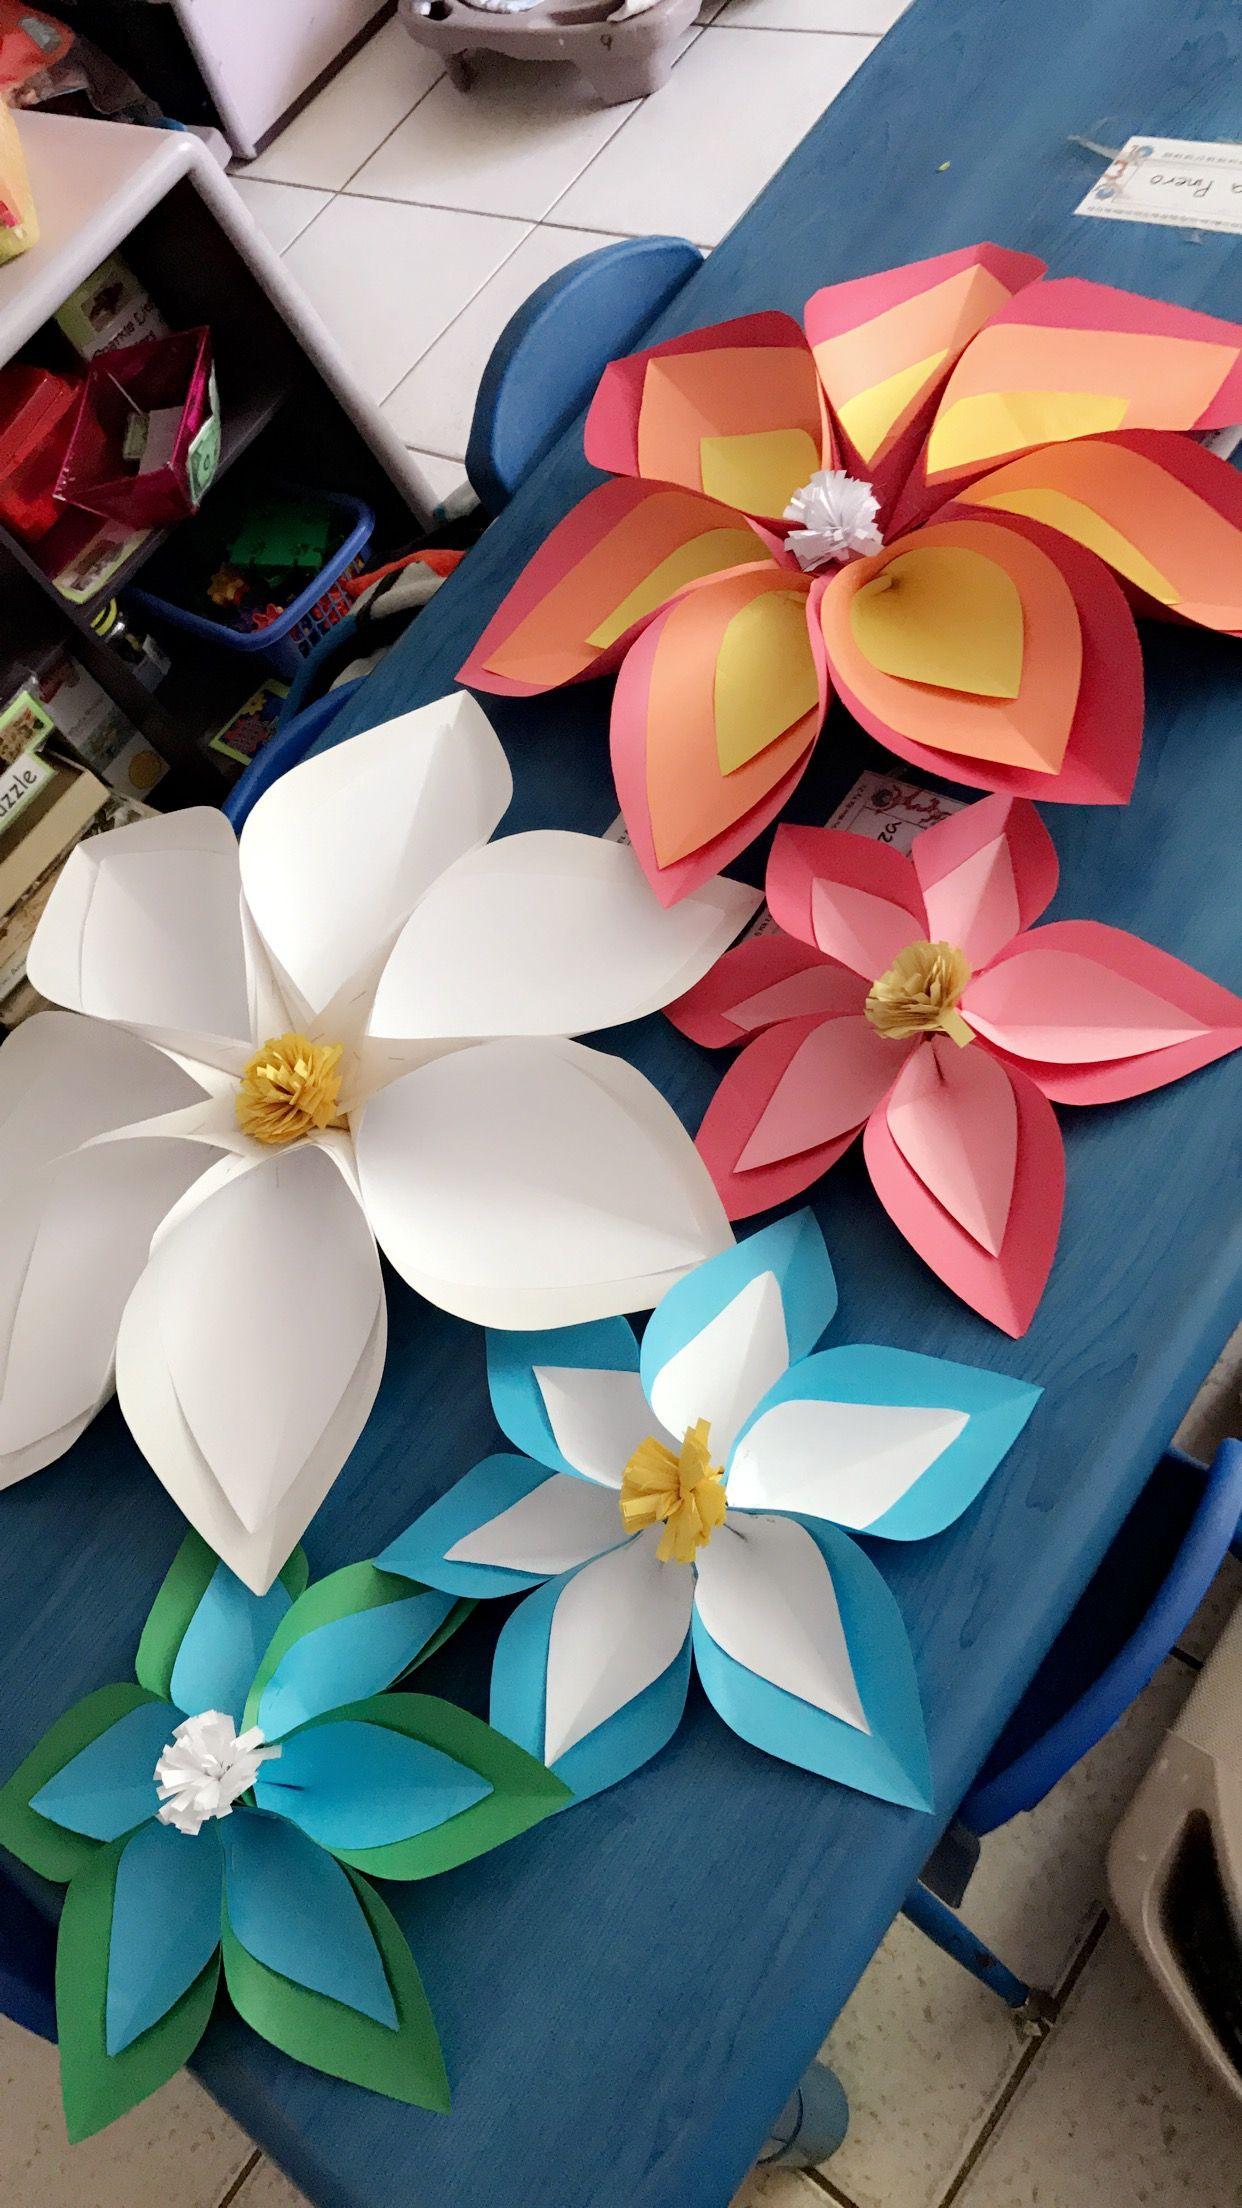 Big Paper Flowers Big Paper Flowers Paper Flowers Flower